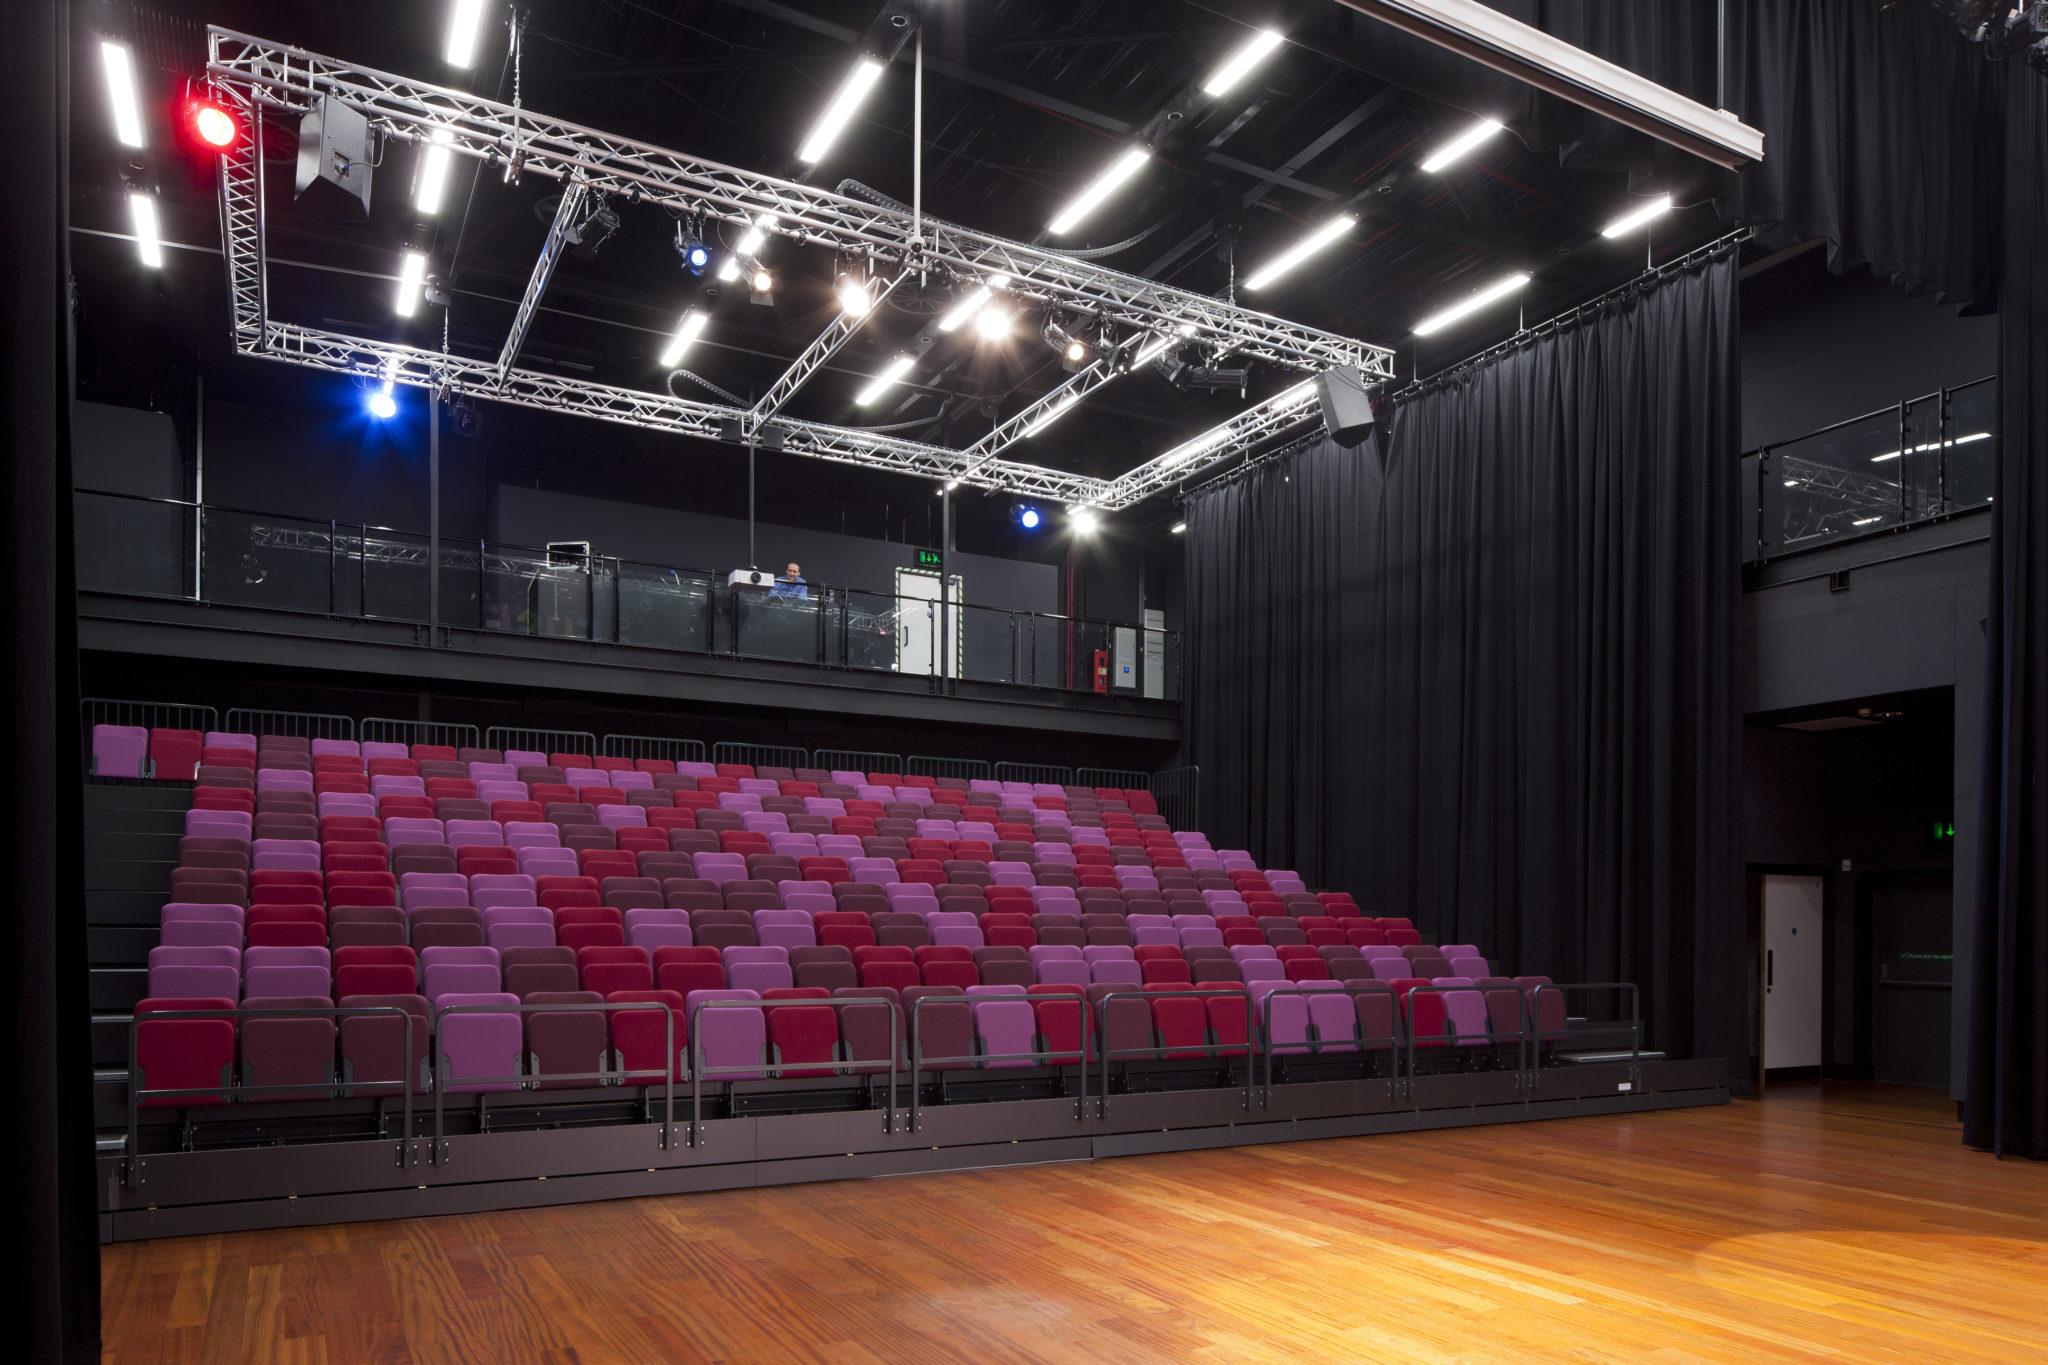 The Fuse theatre